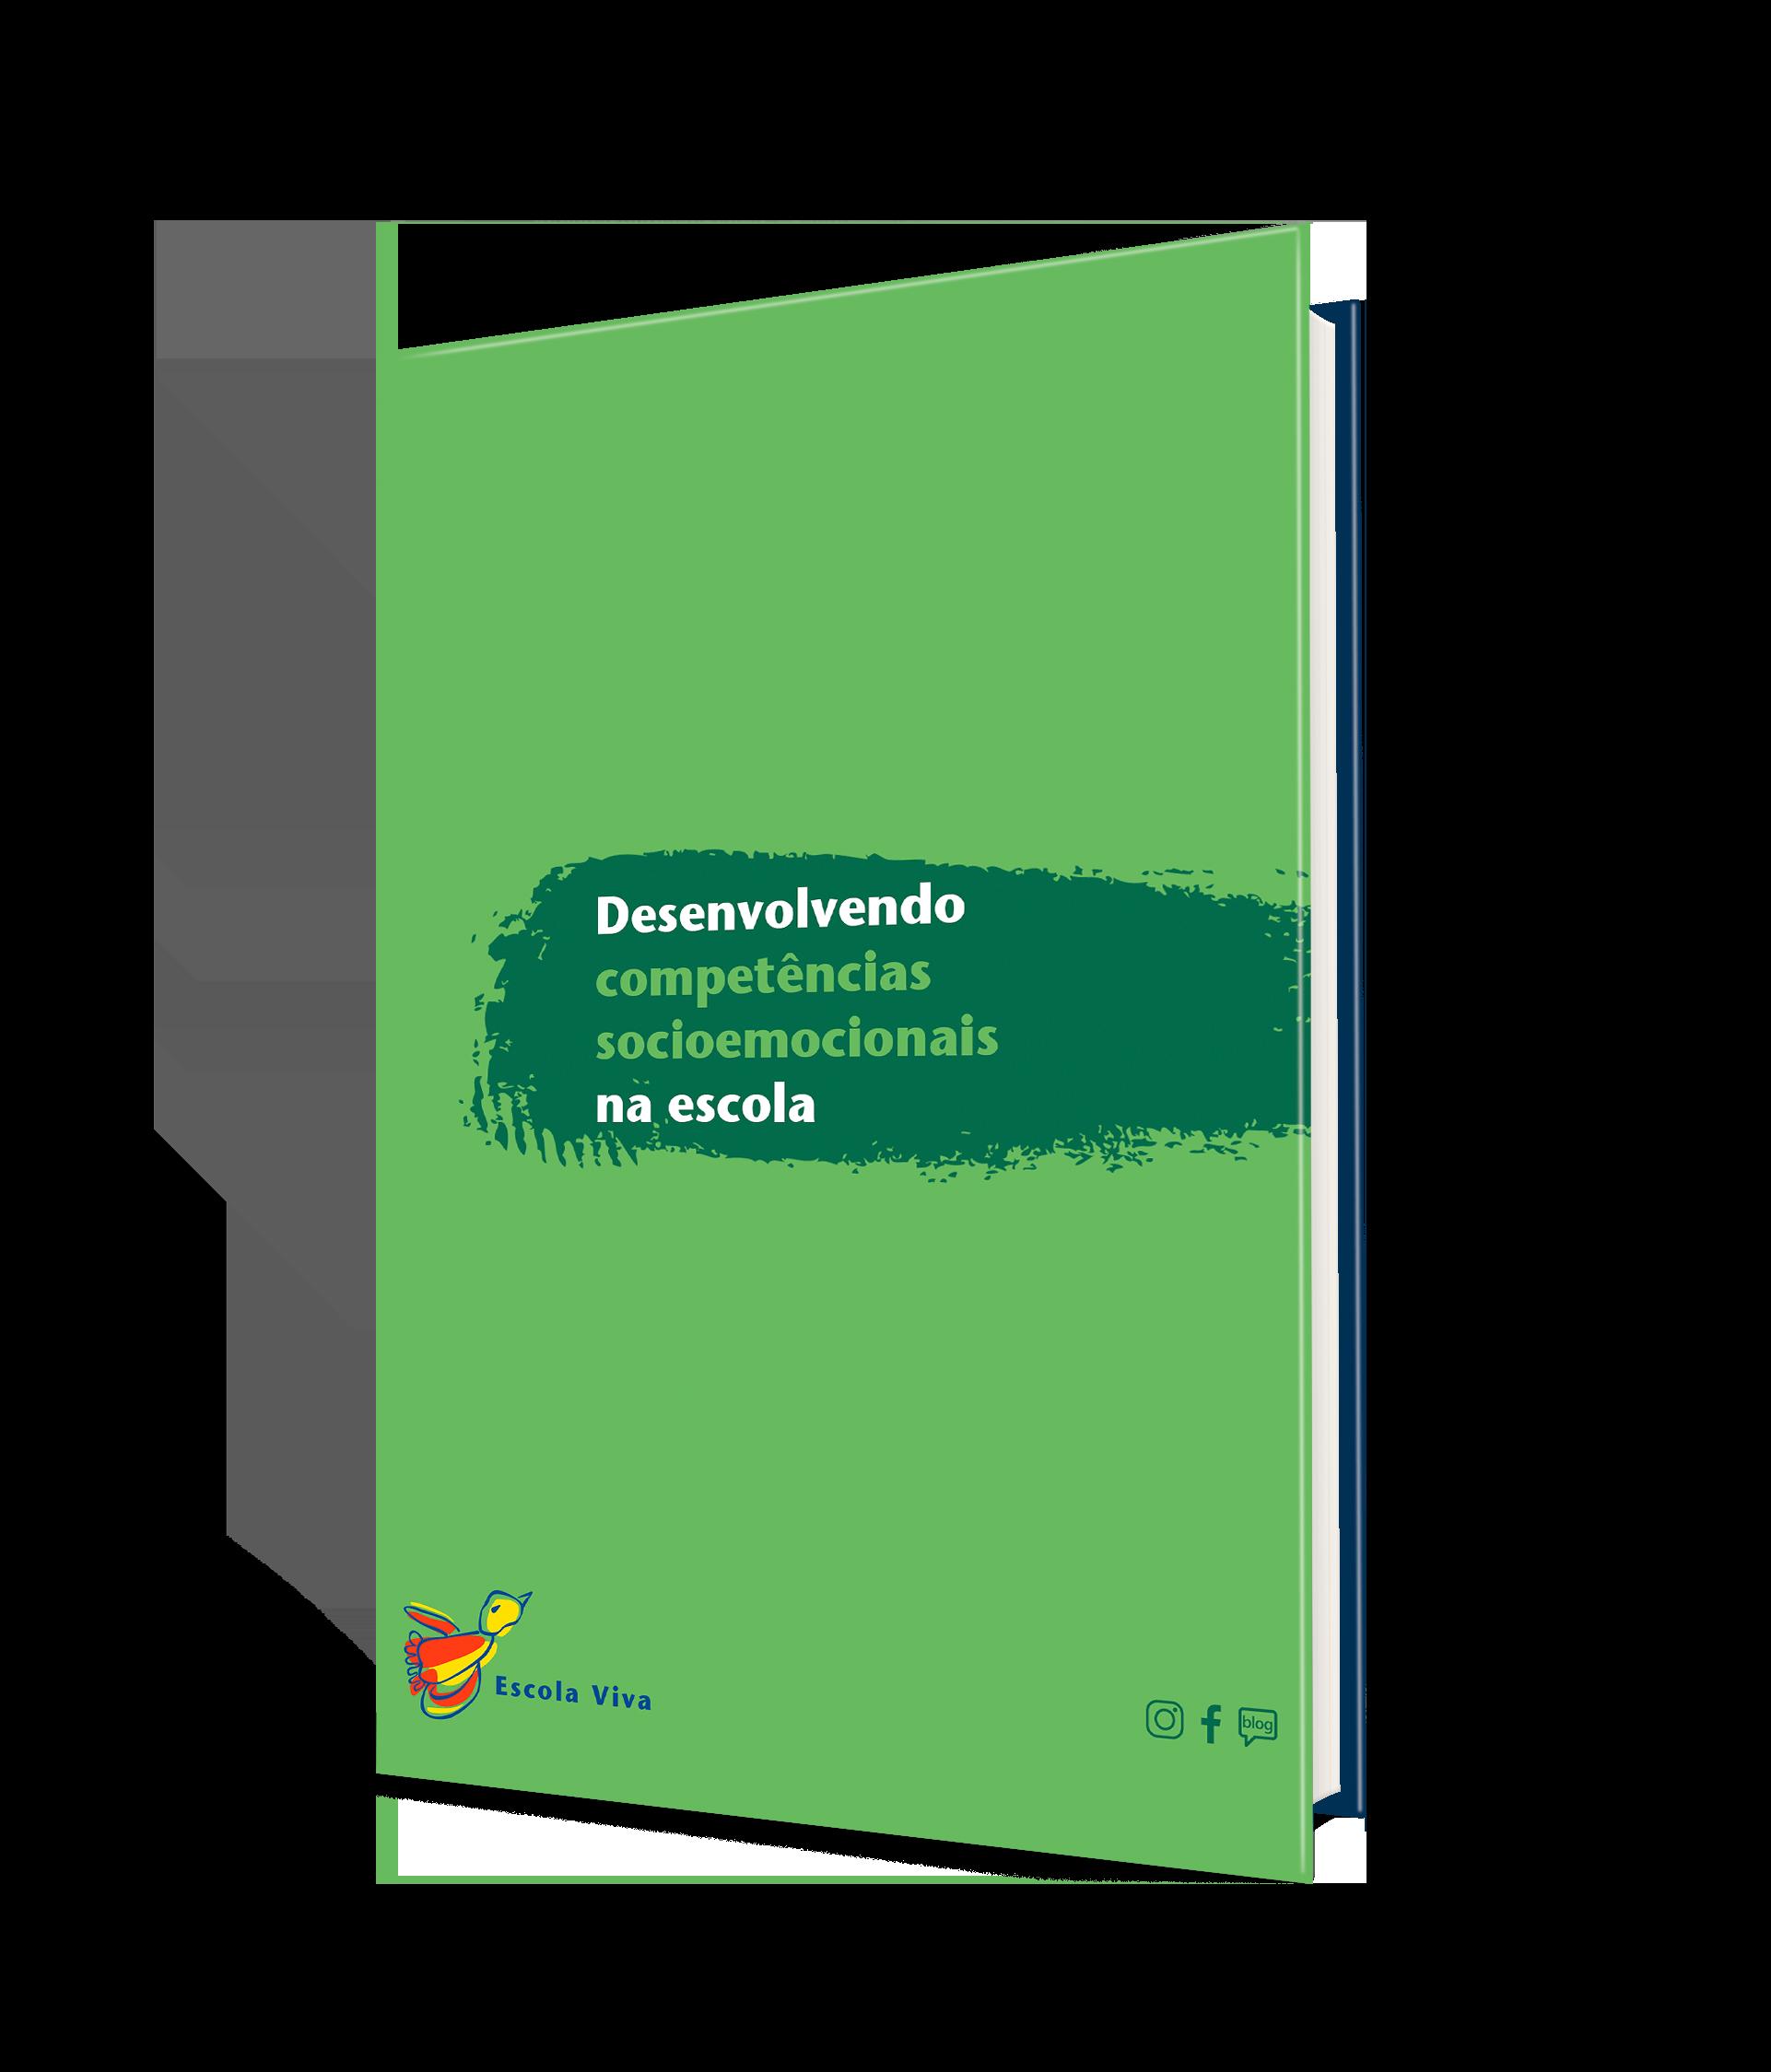 Mockup_Competências Socioemocionais